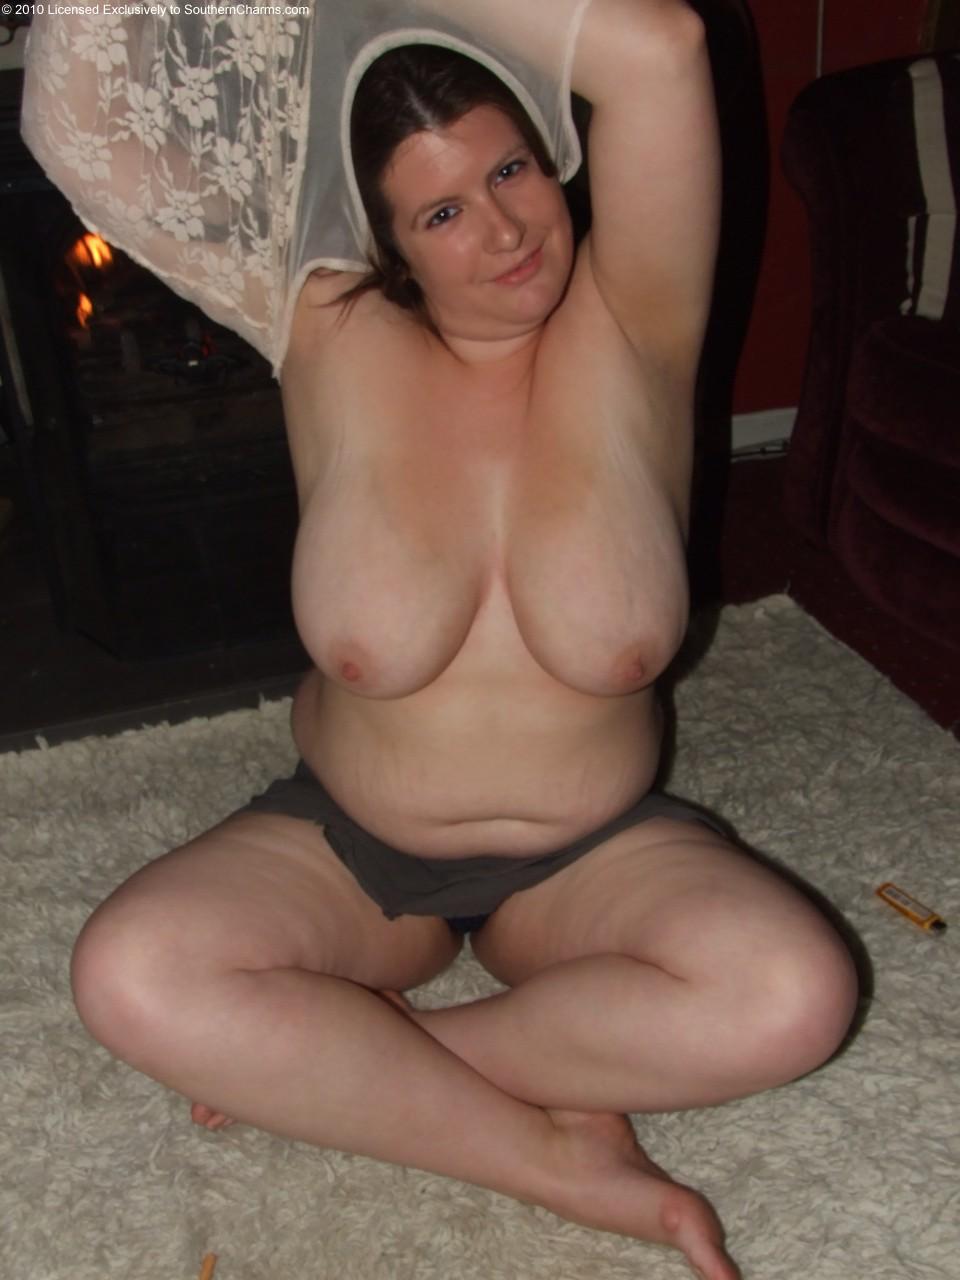 sridevi hot boobs photos